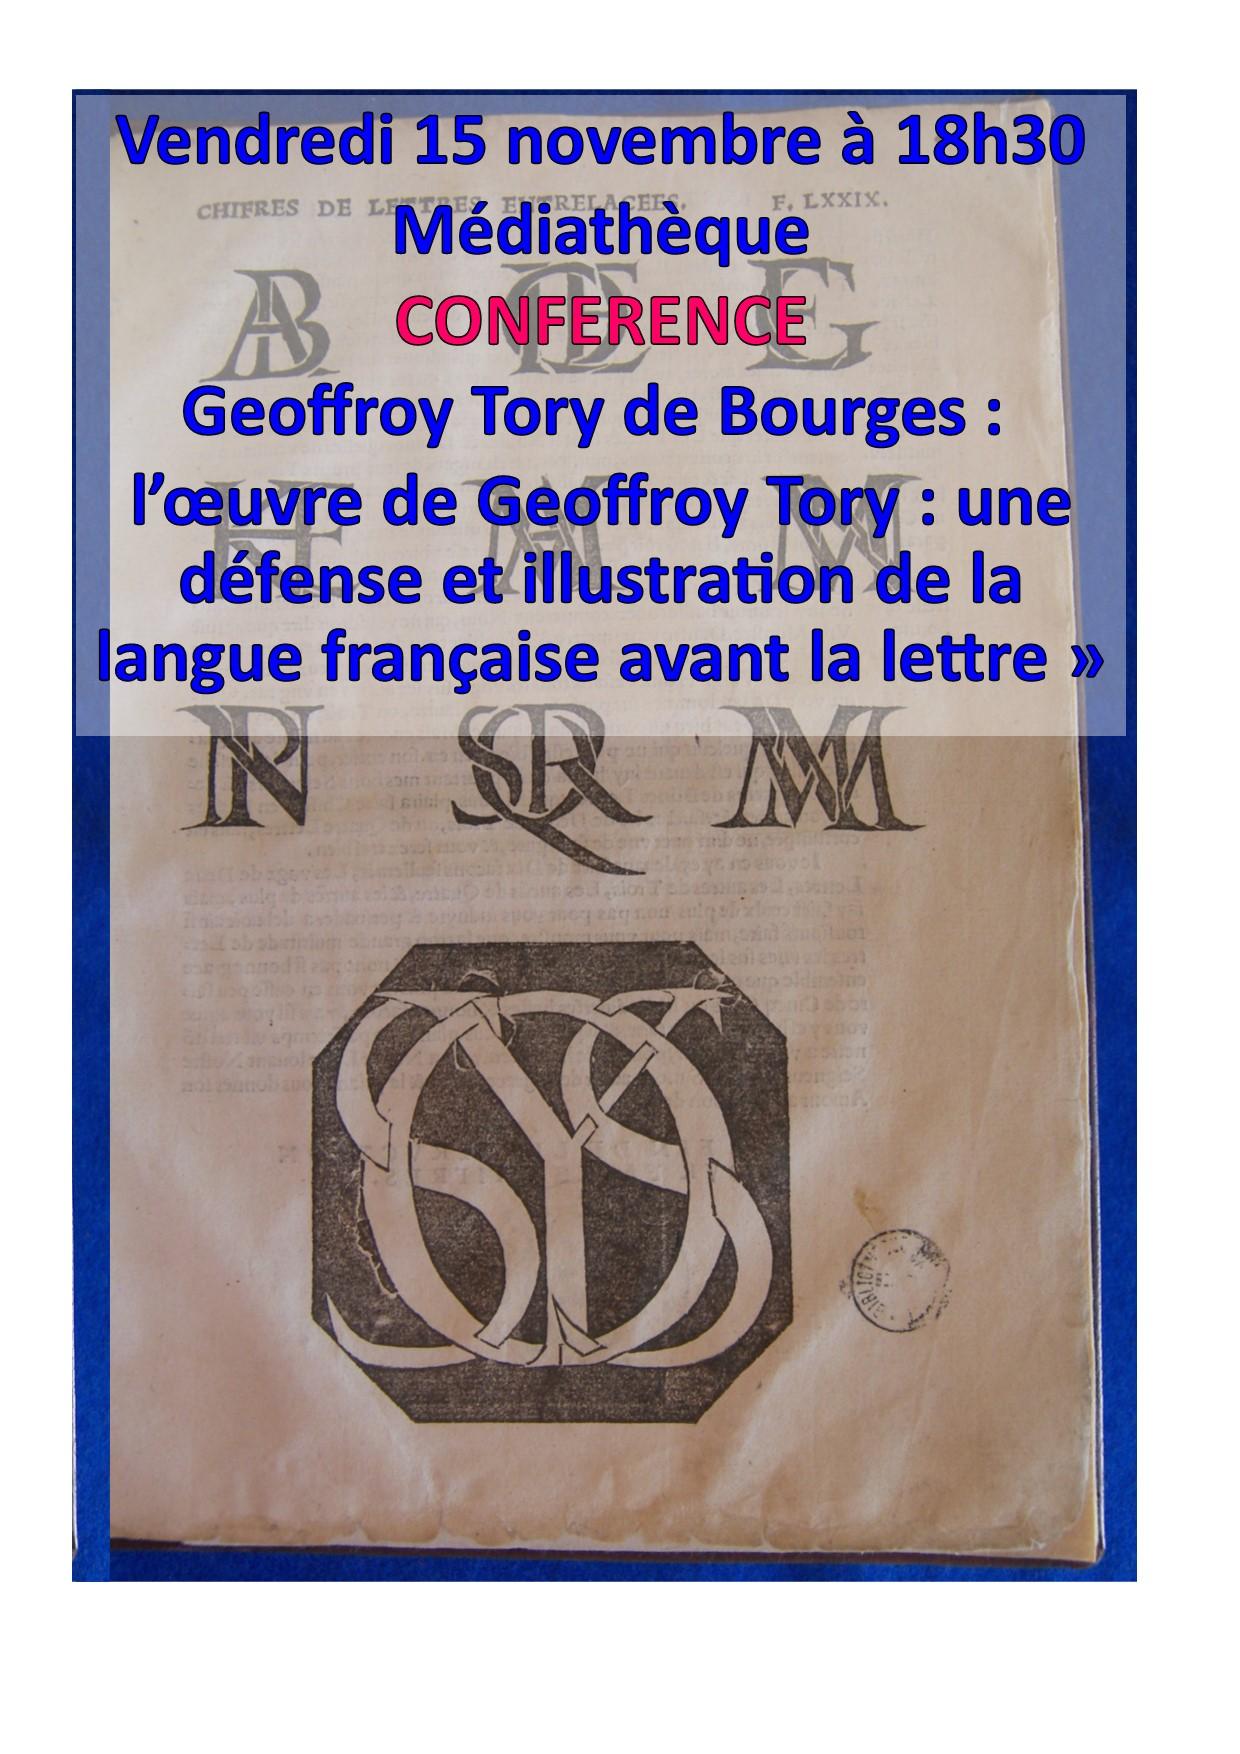 L'oeuvre de Geoffroy Tory : une défense et illustration de la langue française |